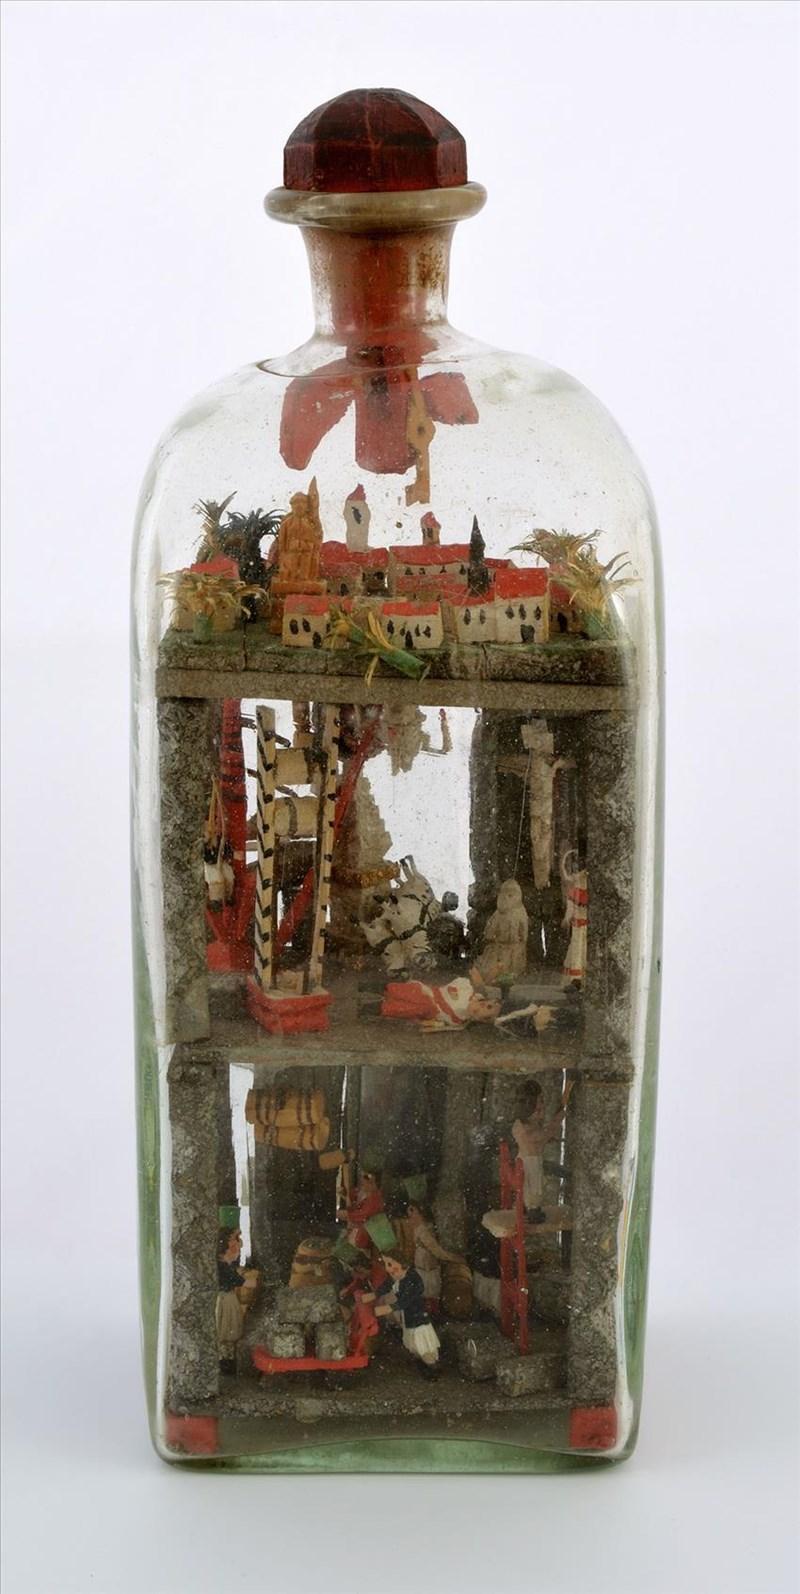 Ein Eingericht himmlischer Tugend: Die Welt der Bergarbeiter in einer Flasche